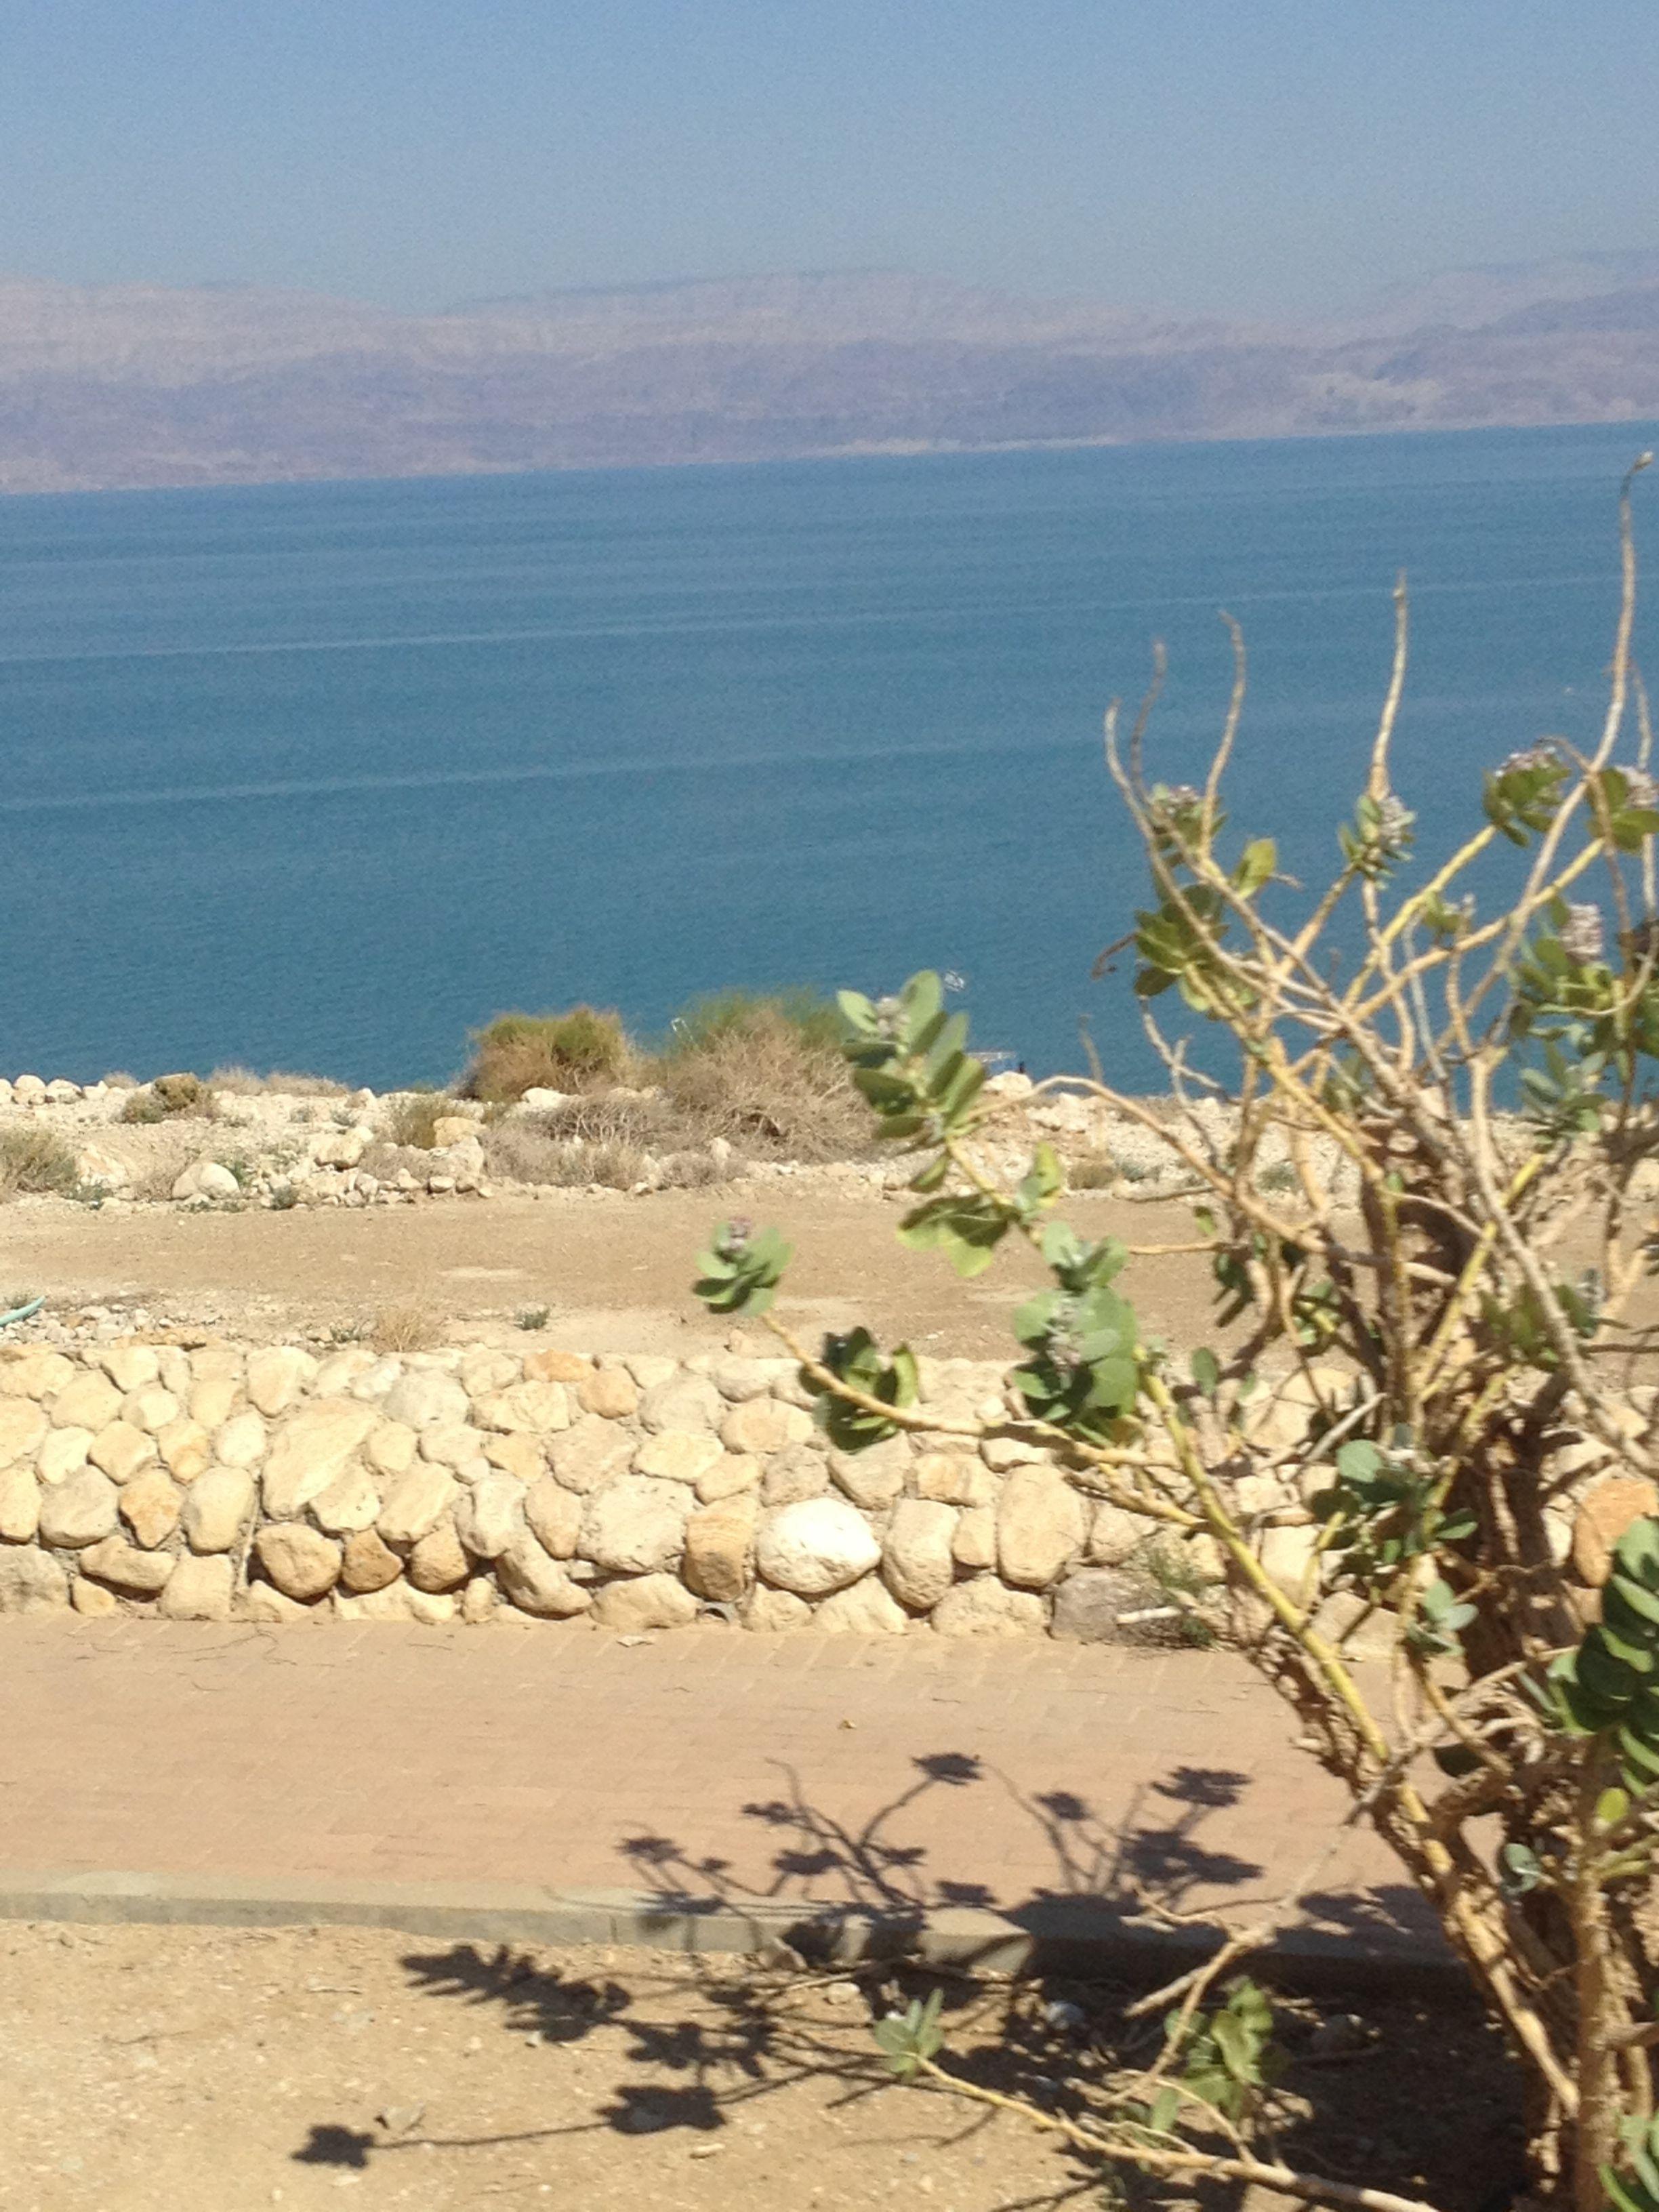 Dead Sea, Israel 2014